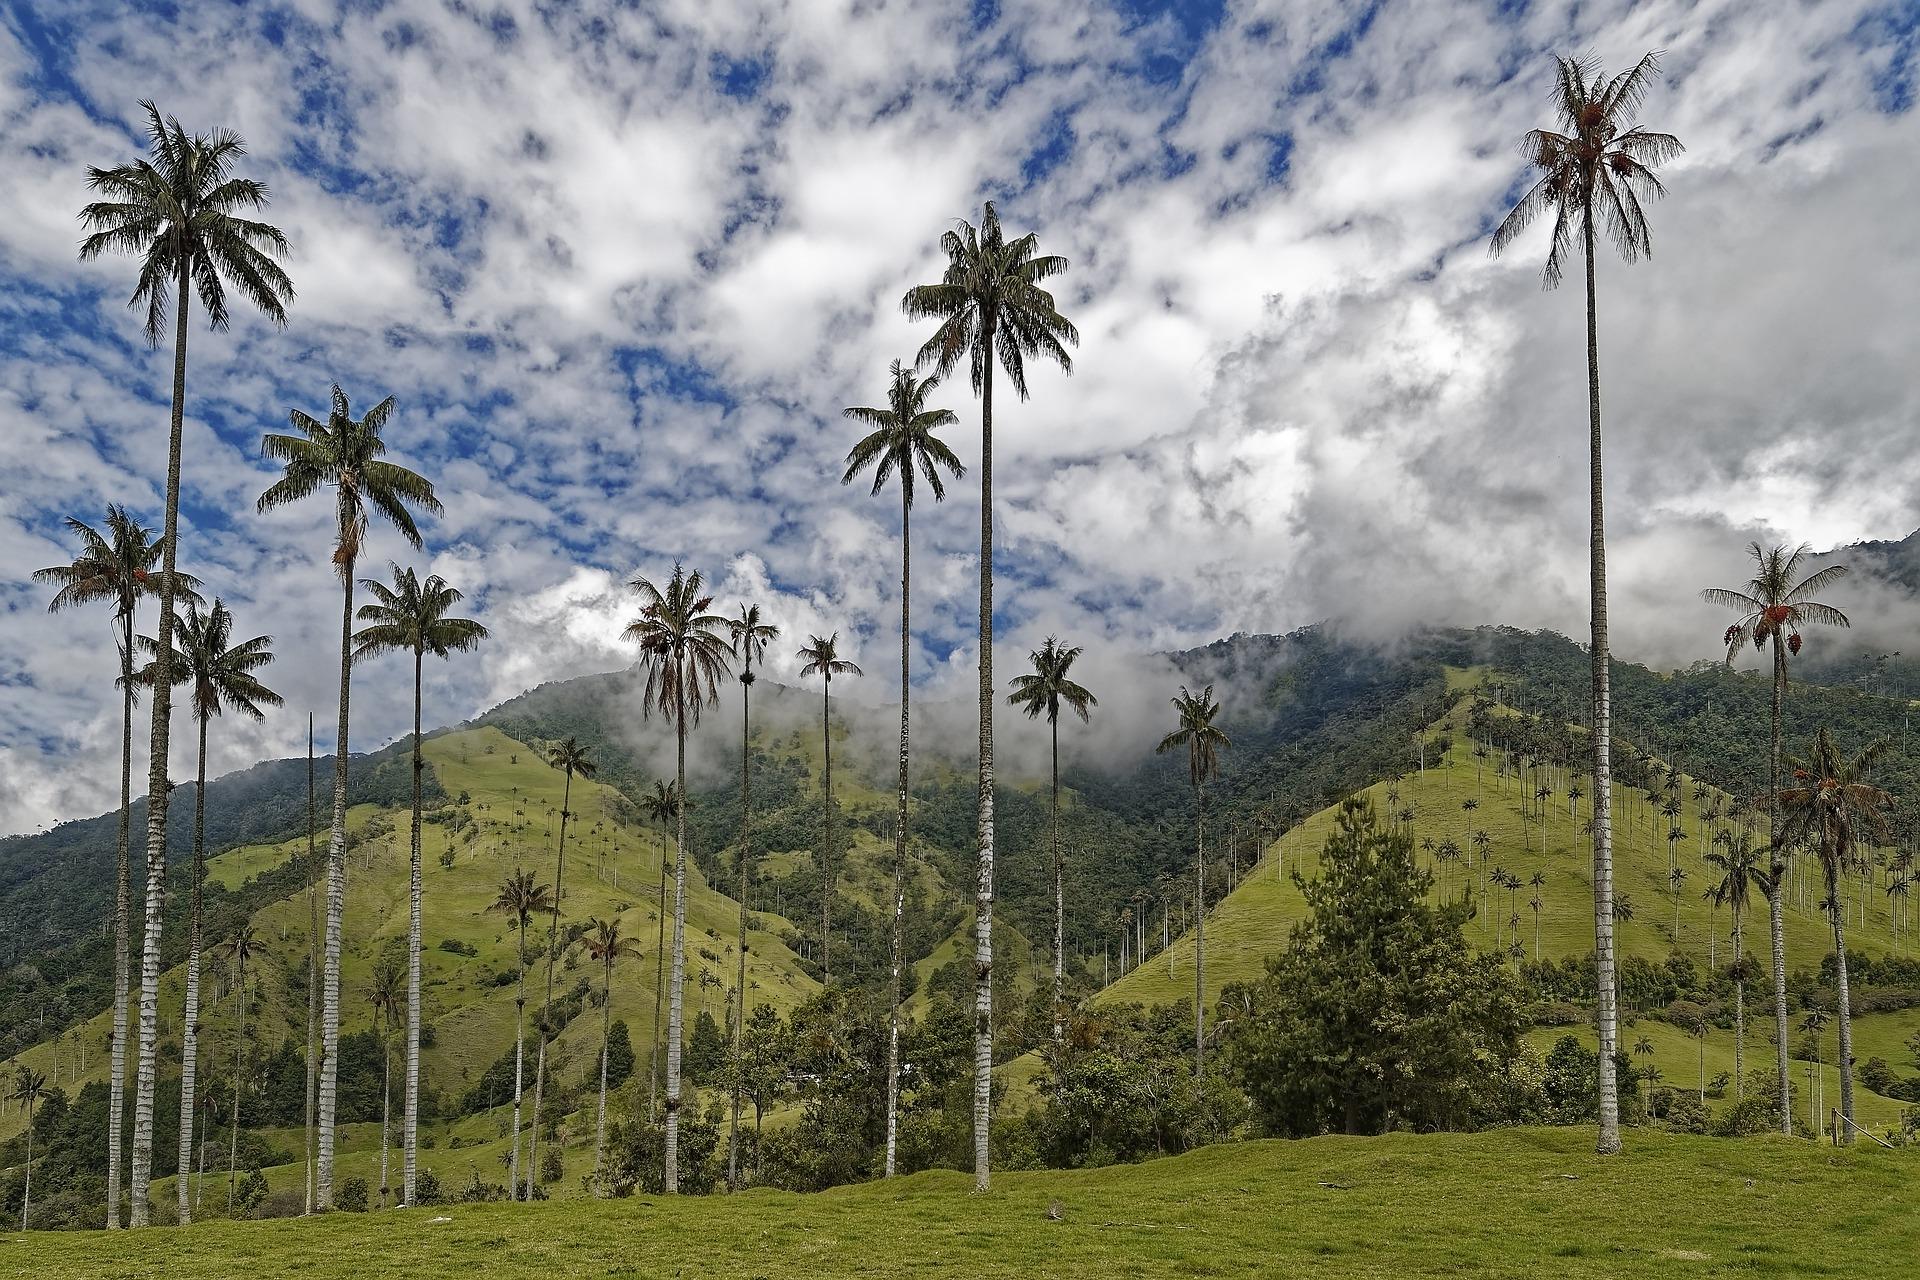 Quel site exploré pour vivre une aventure à part en Colombie ?